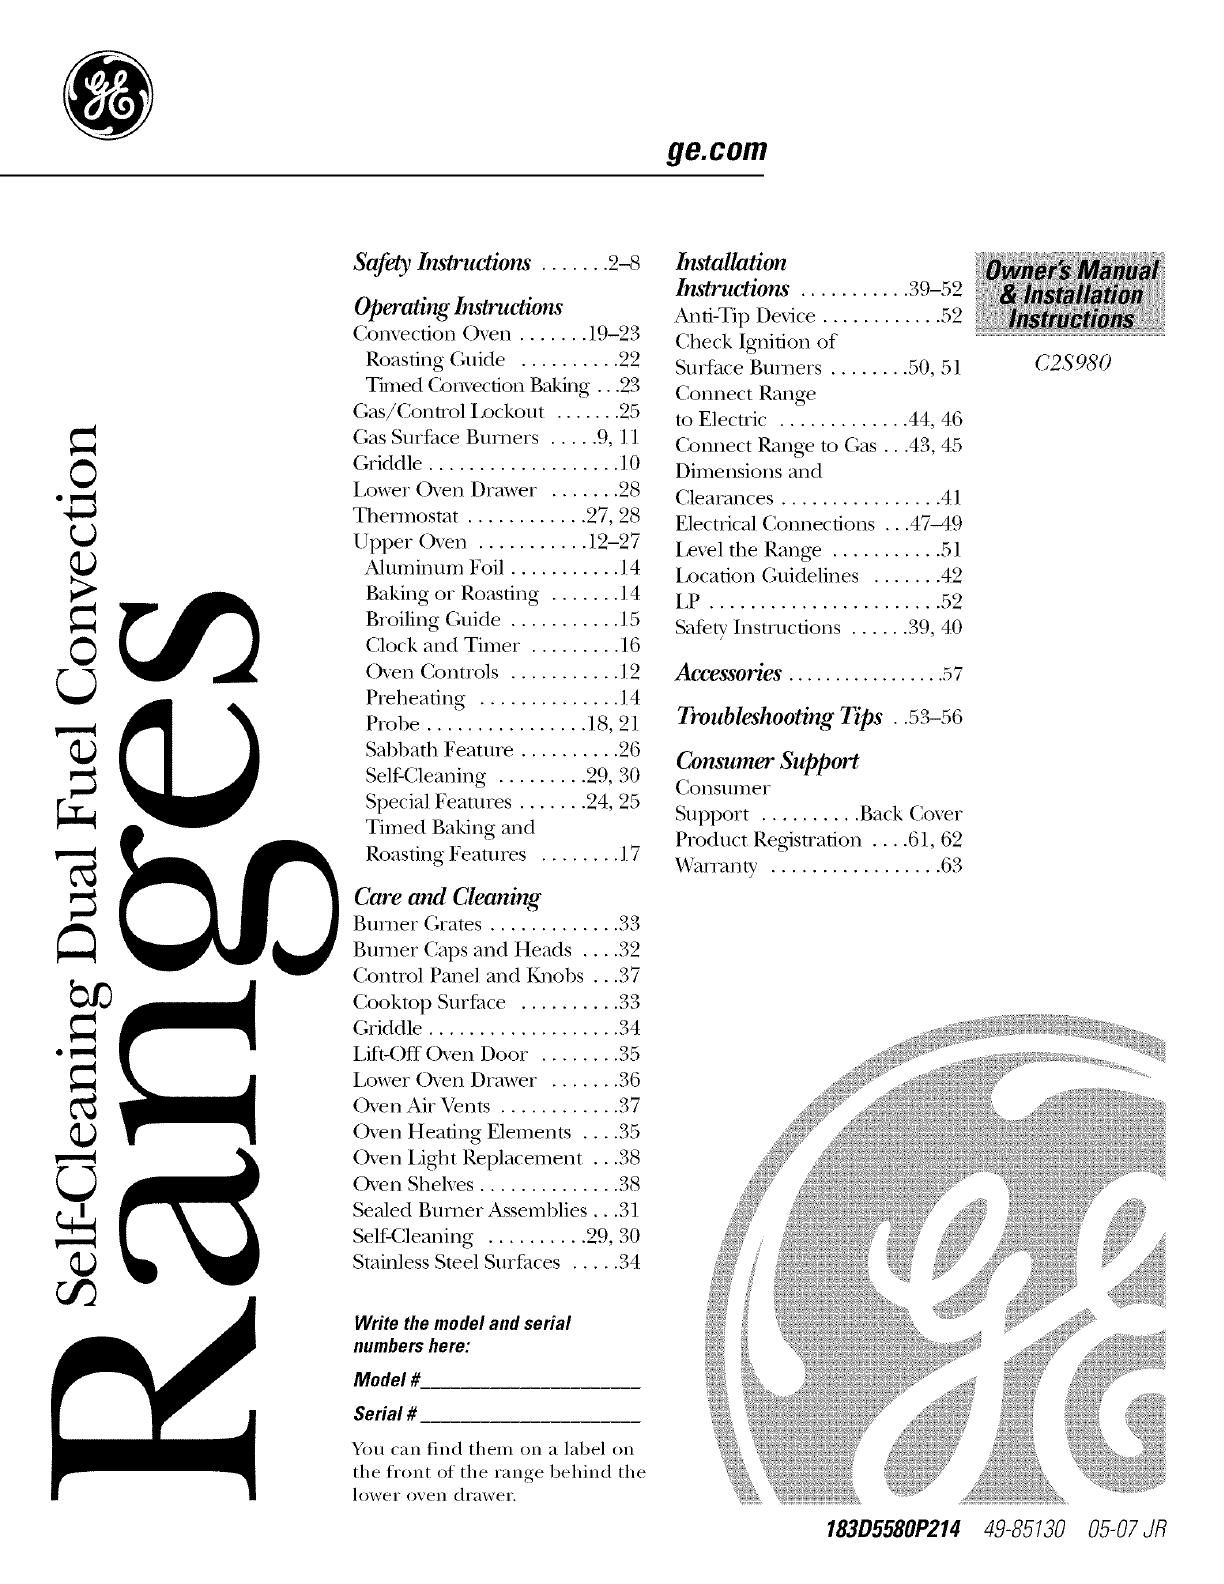 GE C2S980SEM1SS User Manual DUAL FUEL RANGE Manuals And